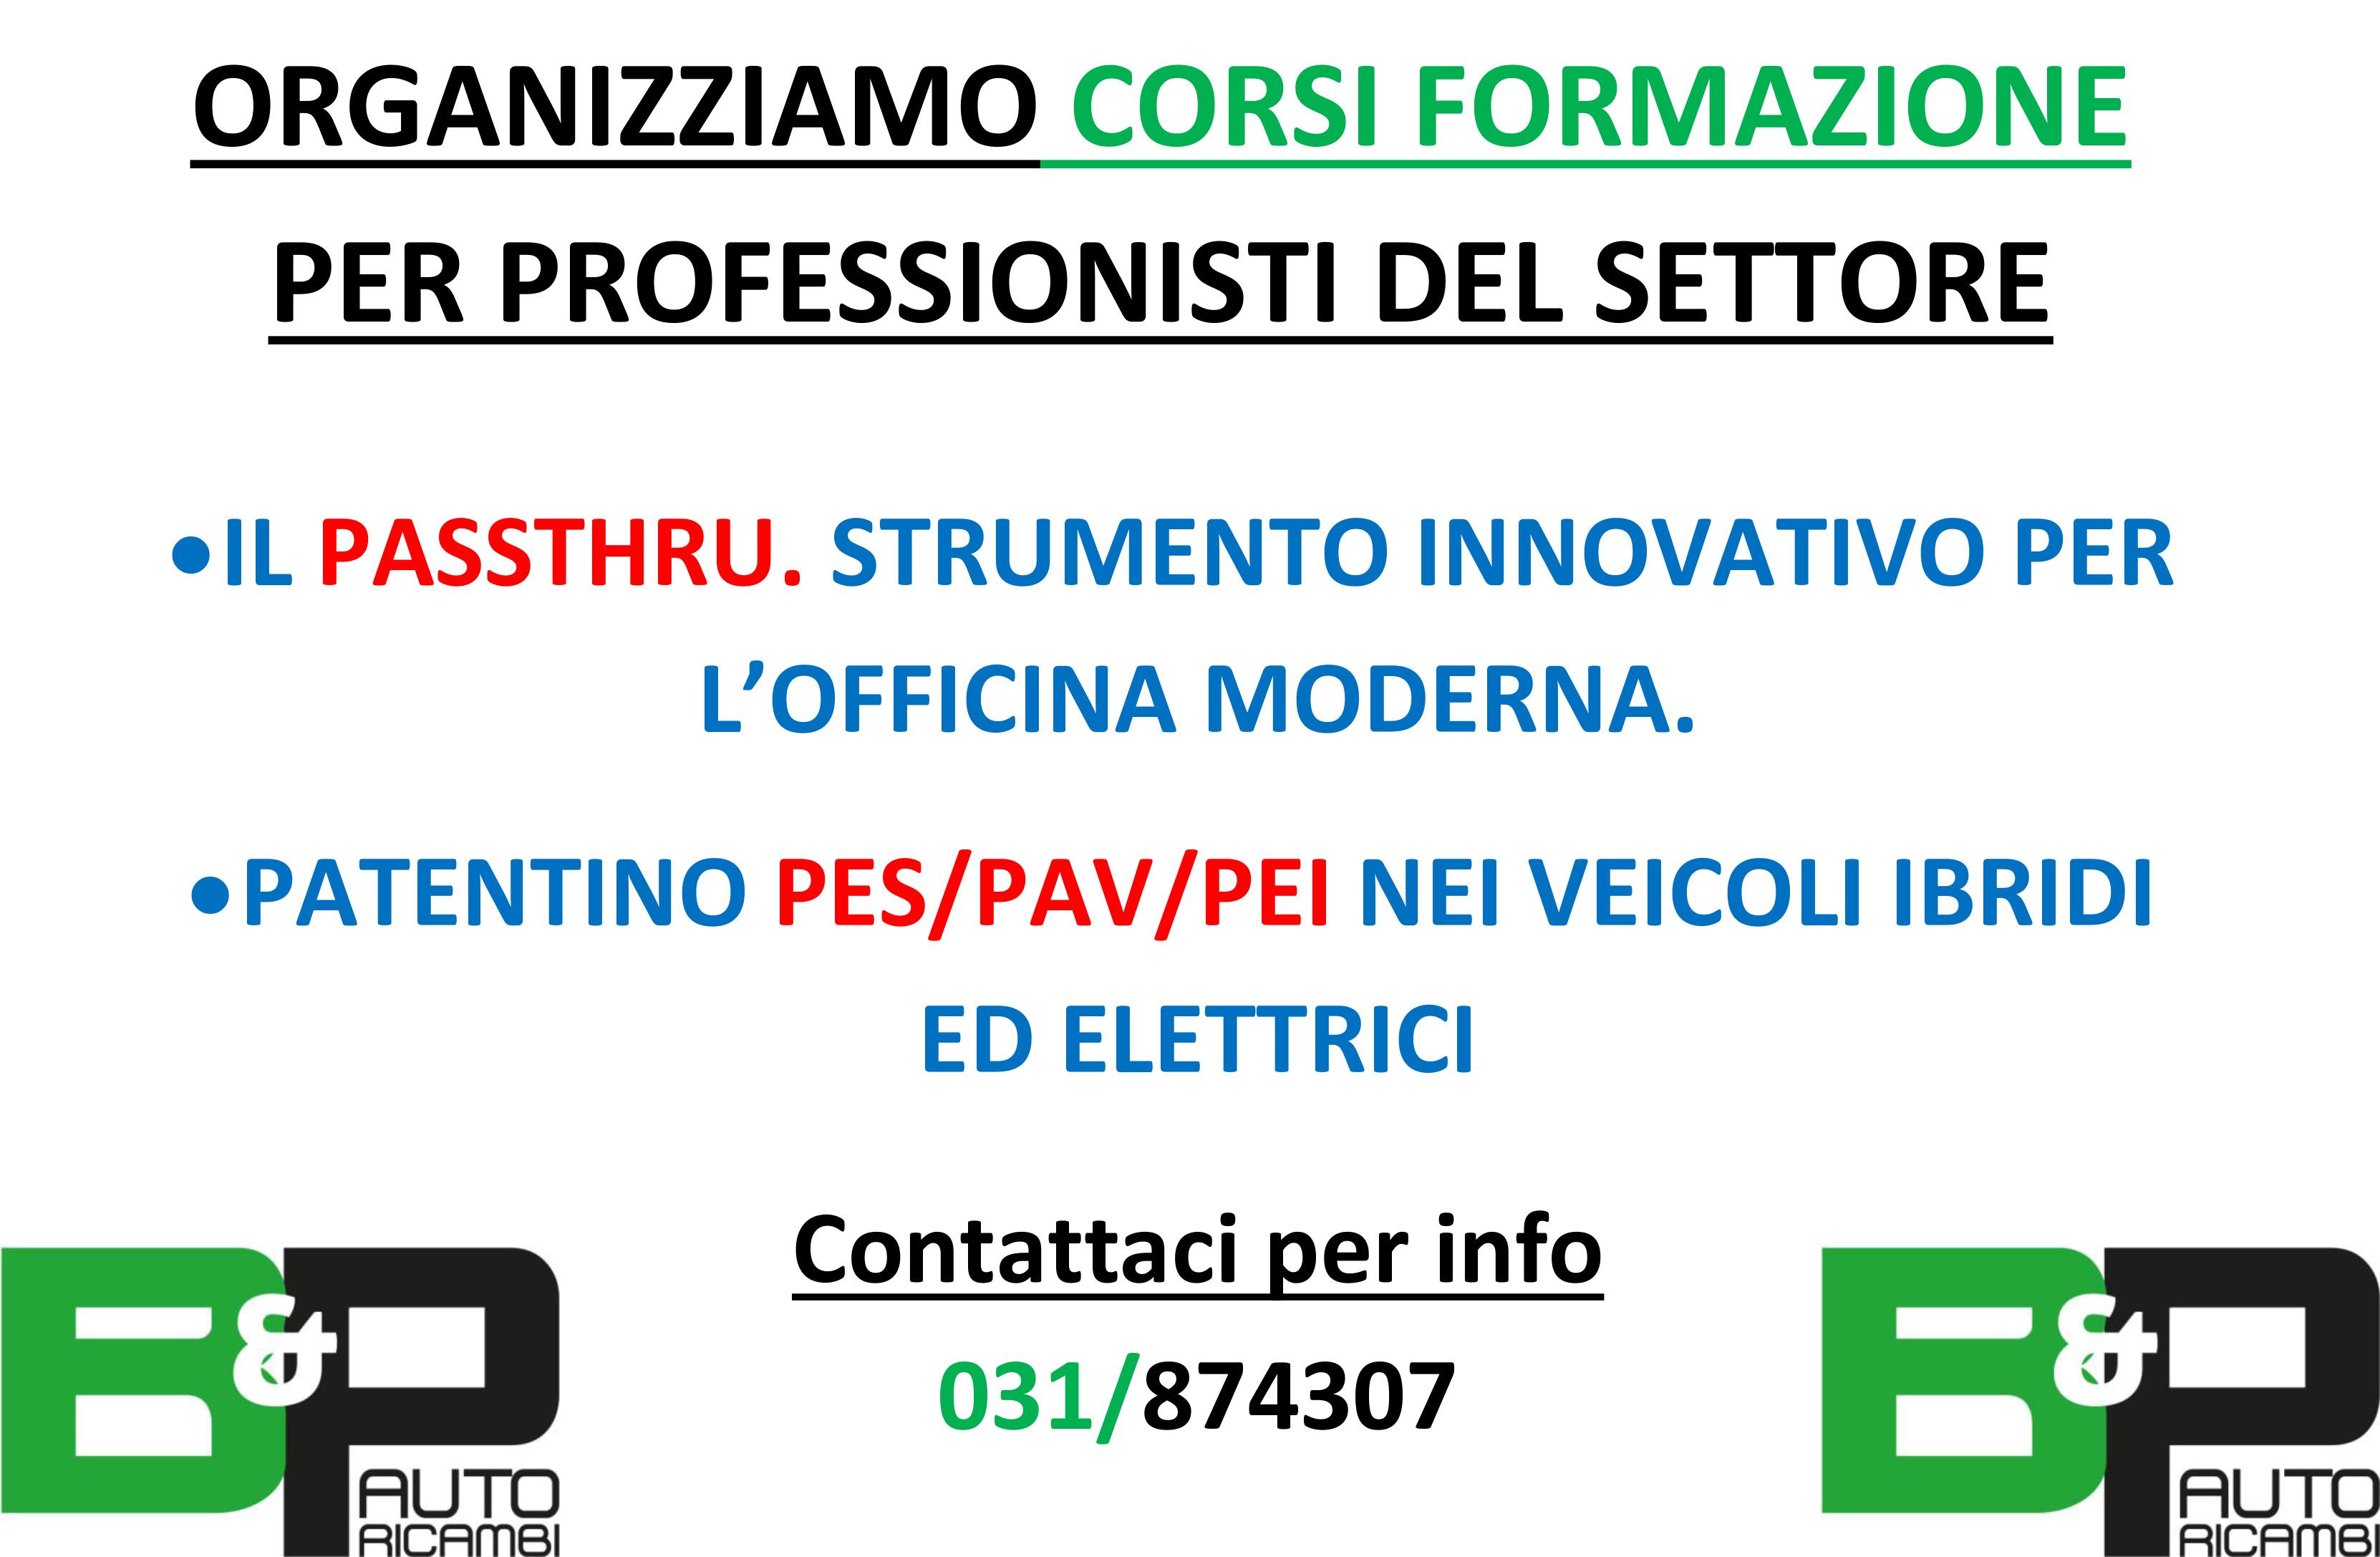 corsi-di-formazione-per-officine-carrozzerie-e-specialisti-del-settore-automotive